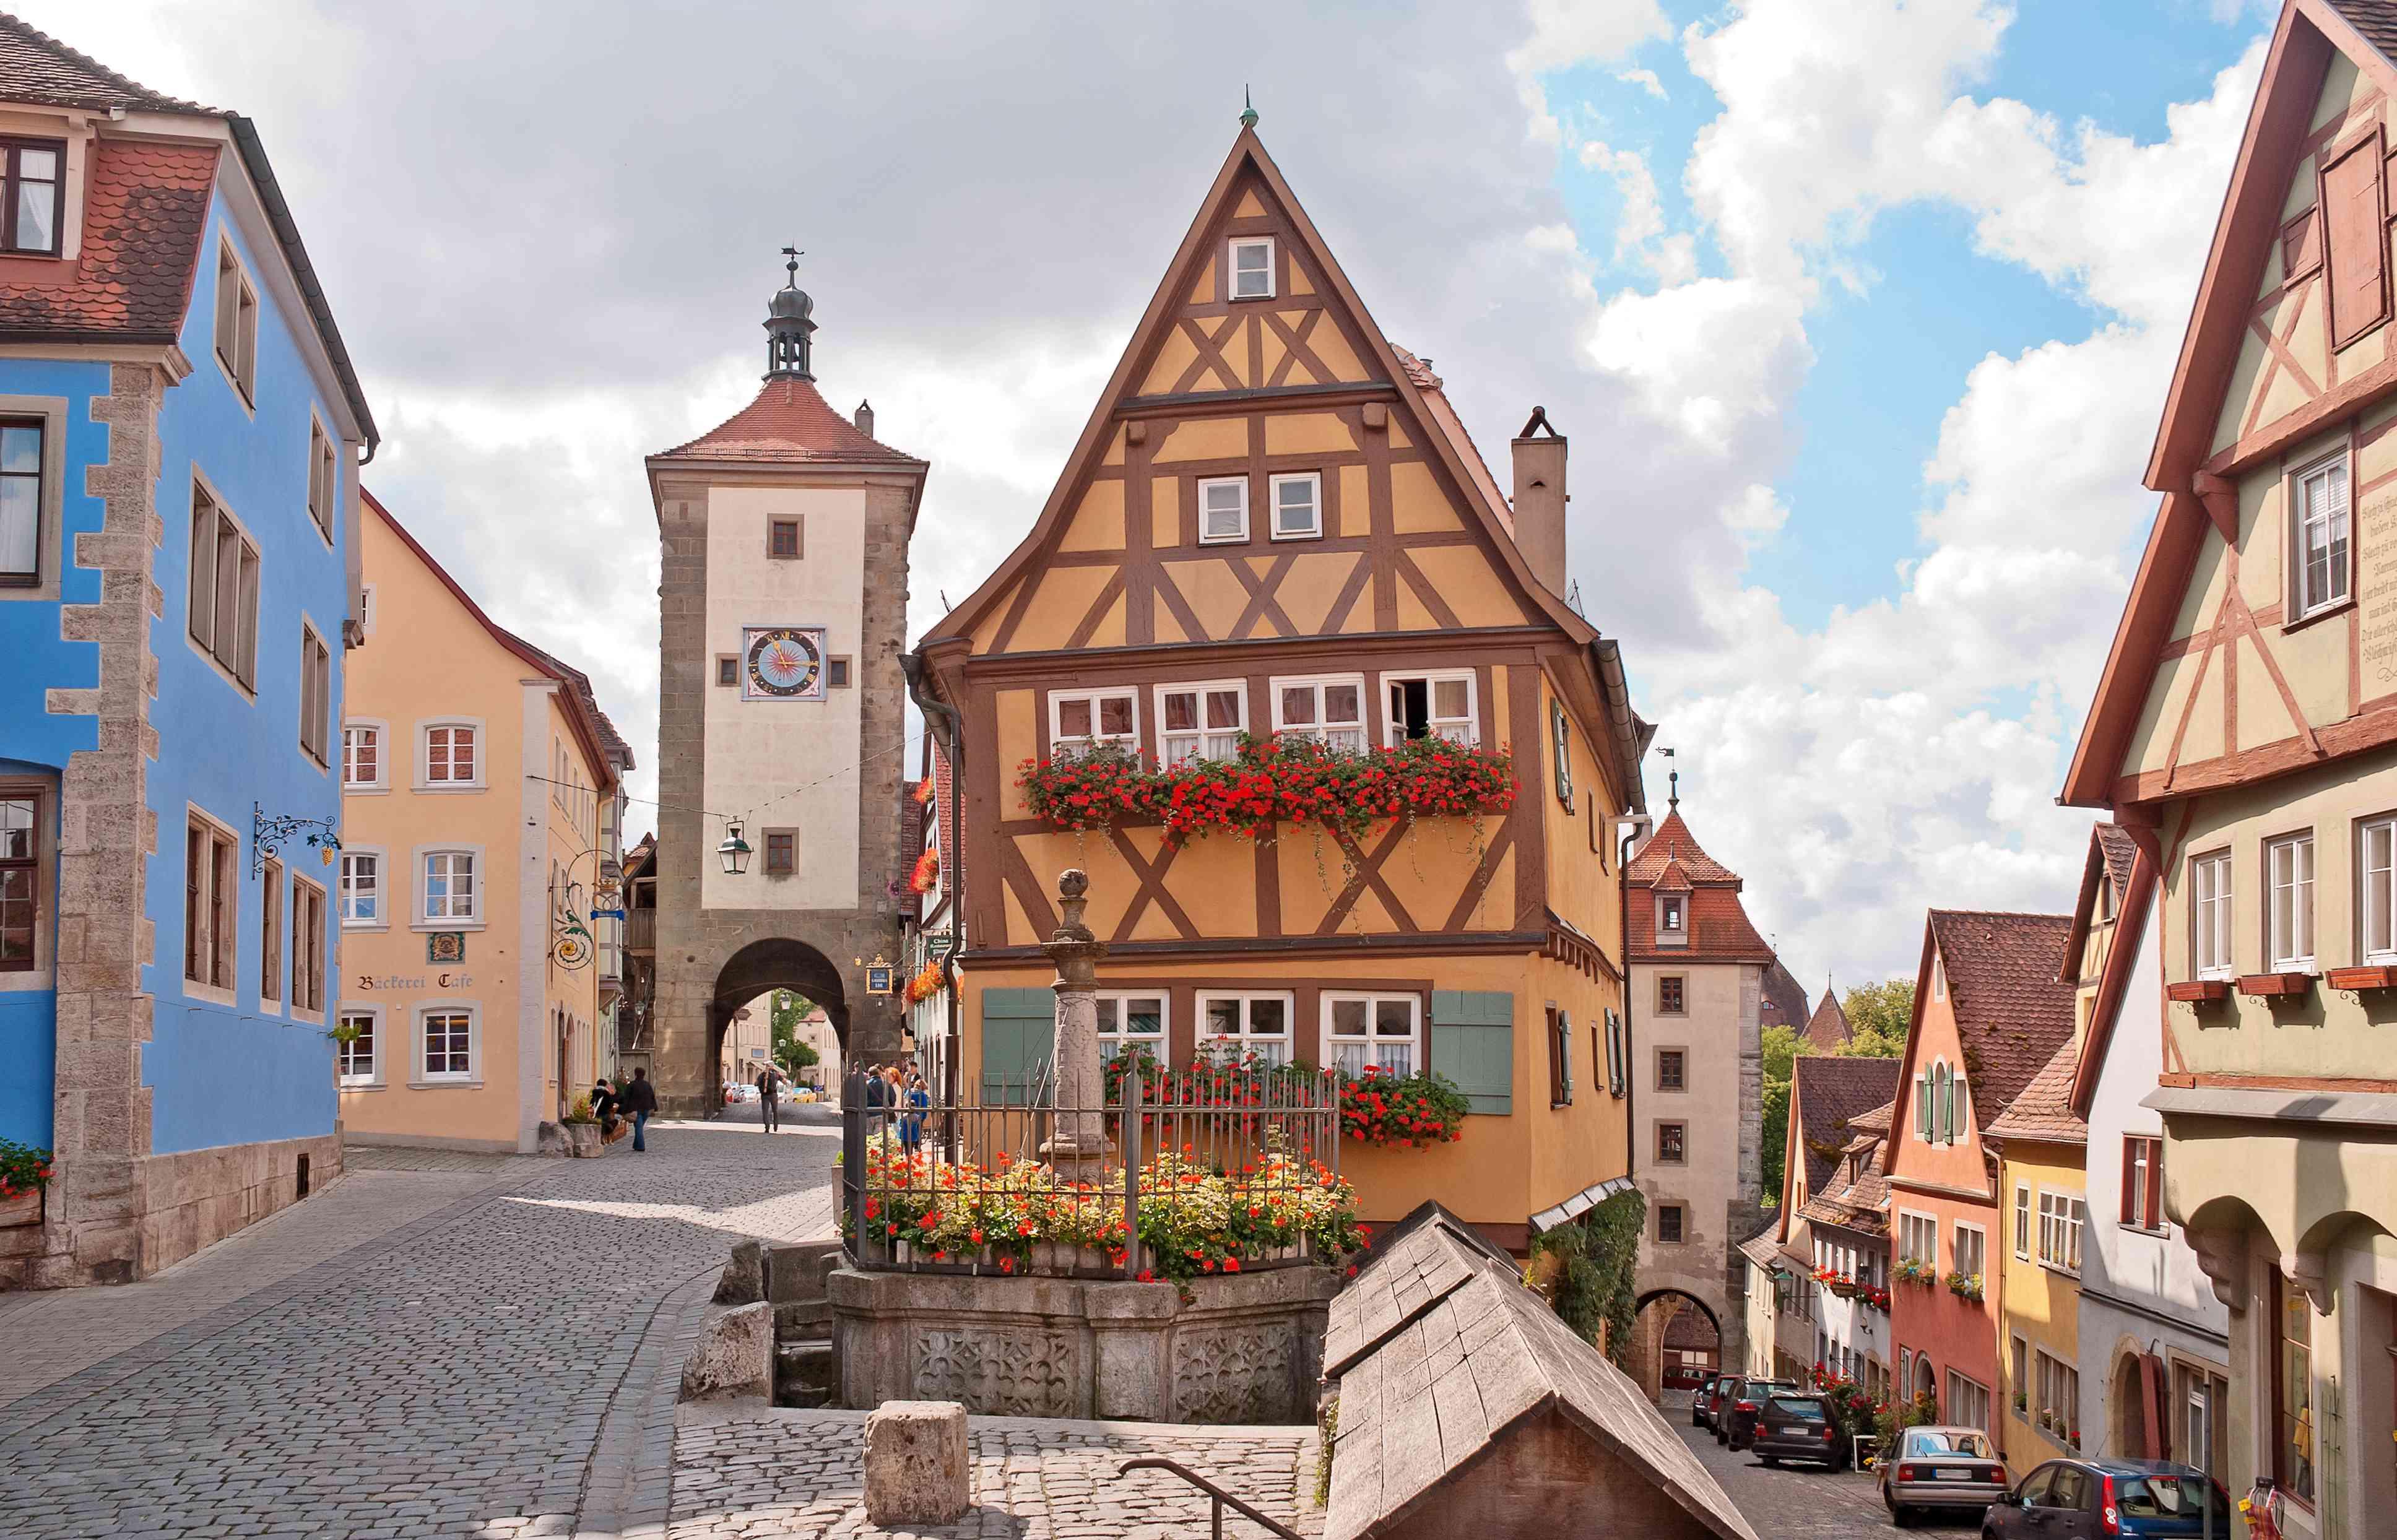 Das Plönlein in Rothenburg ob der Tauber